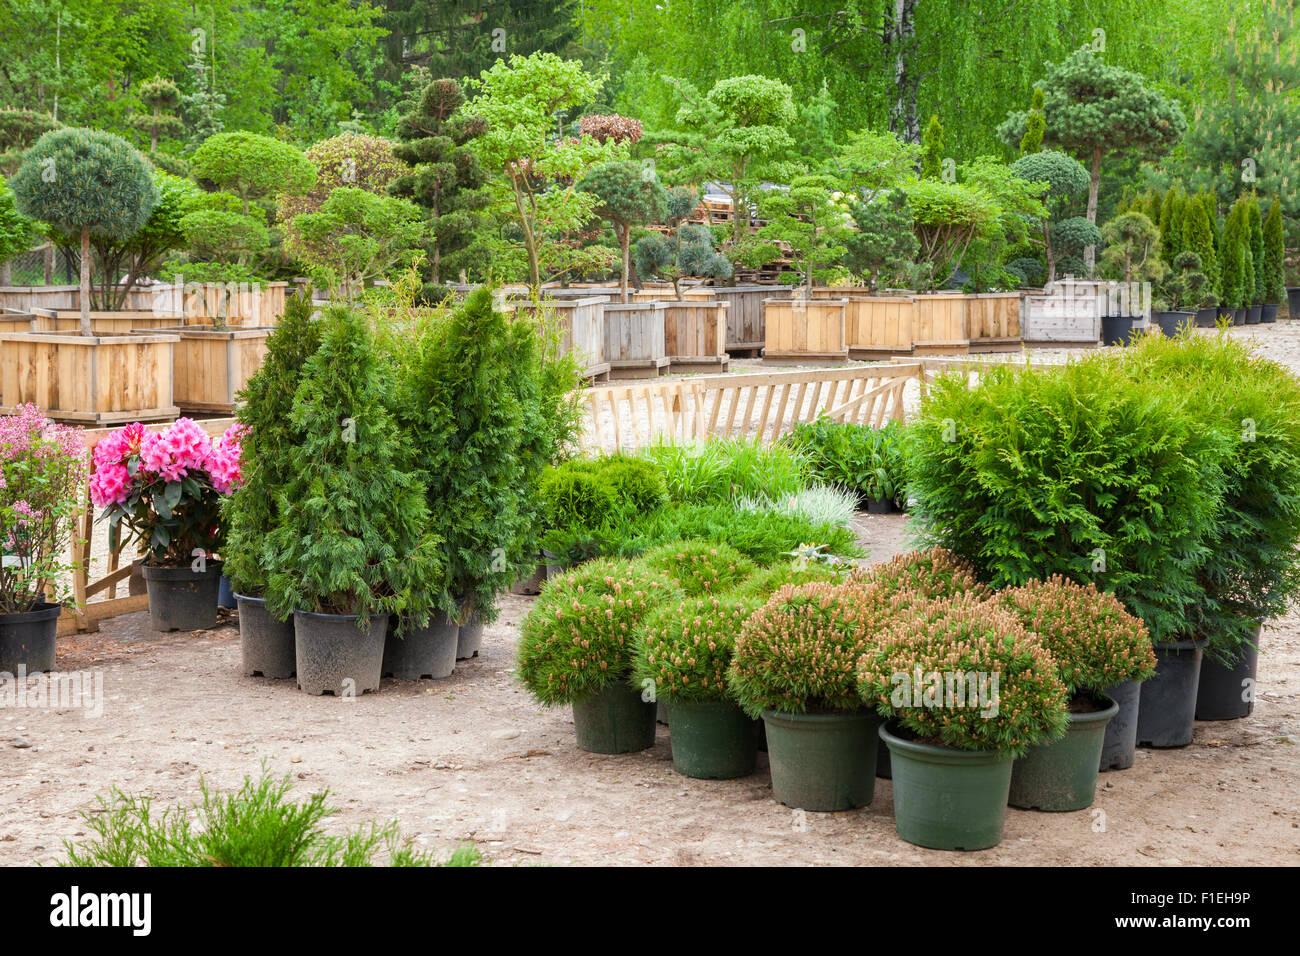 Los cipreses las plantas en macetas bonsai plantas de jardín en Tree Farm Foto de stock